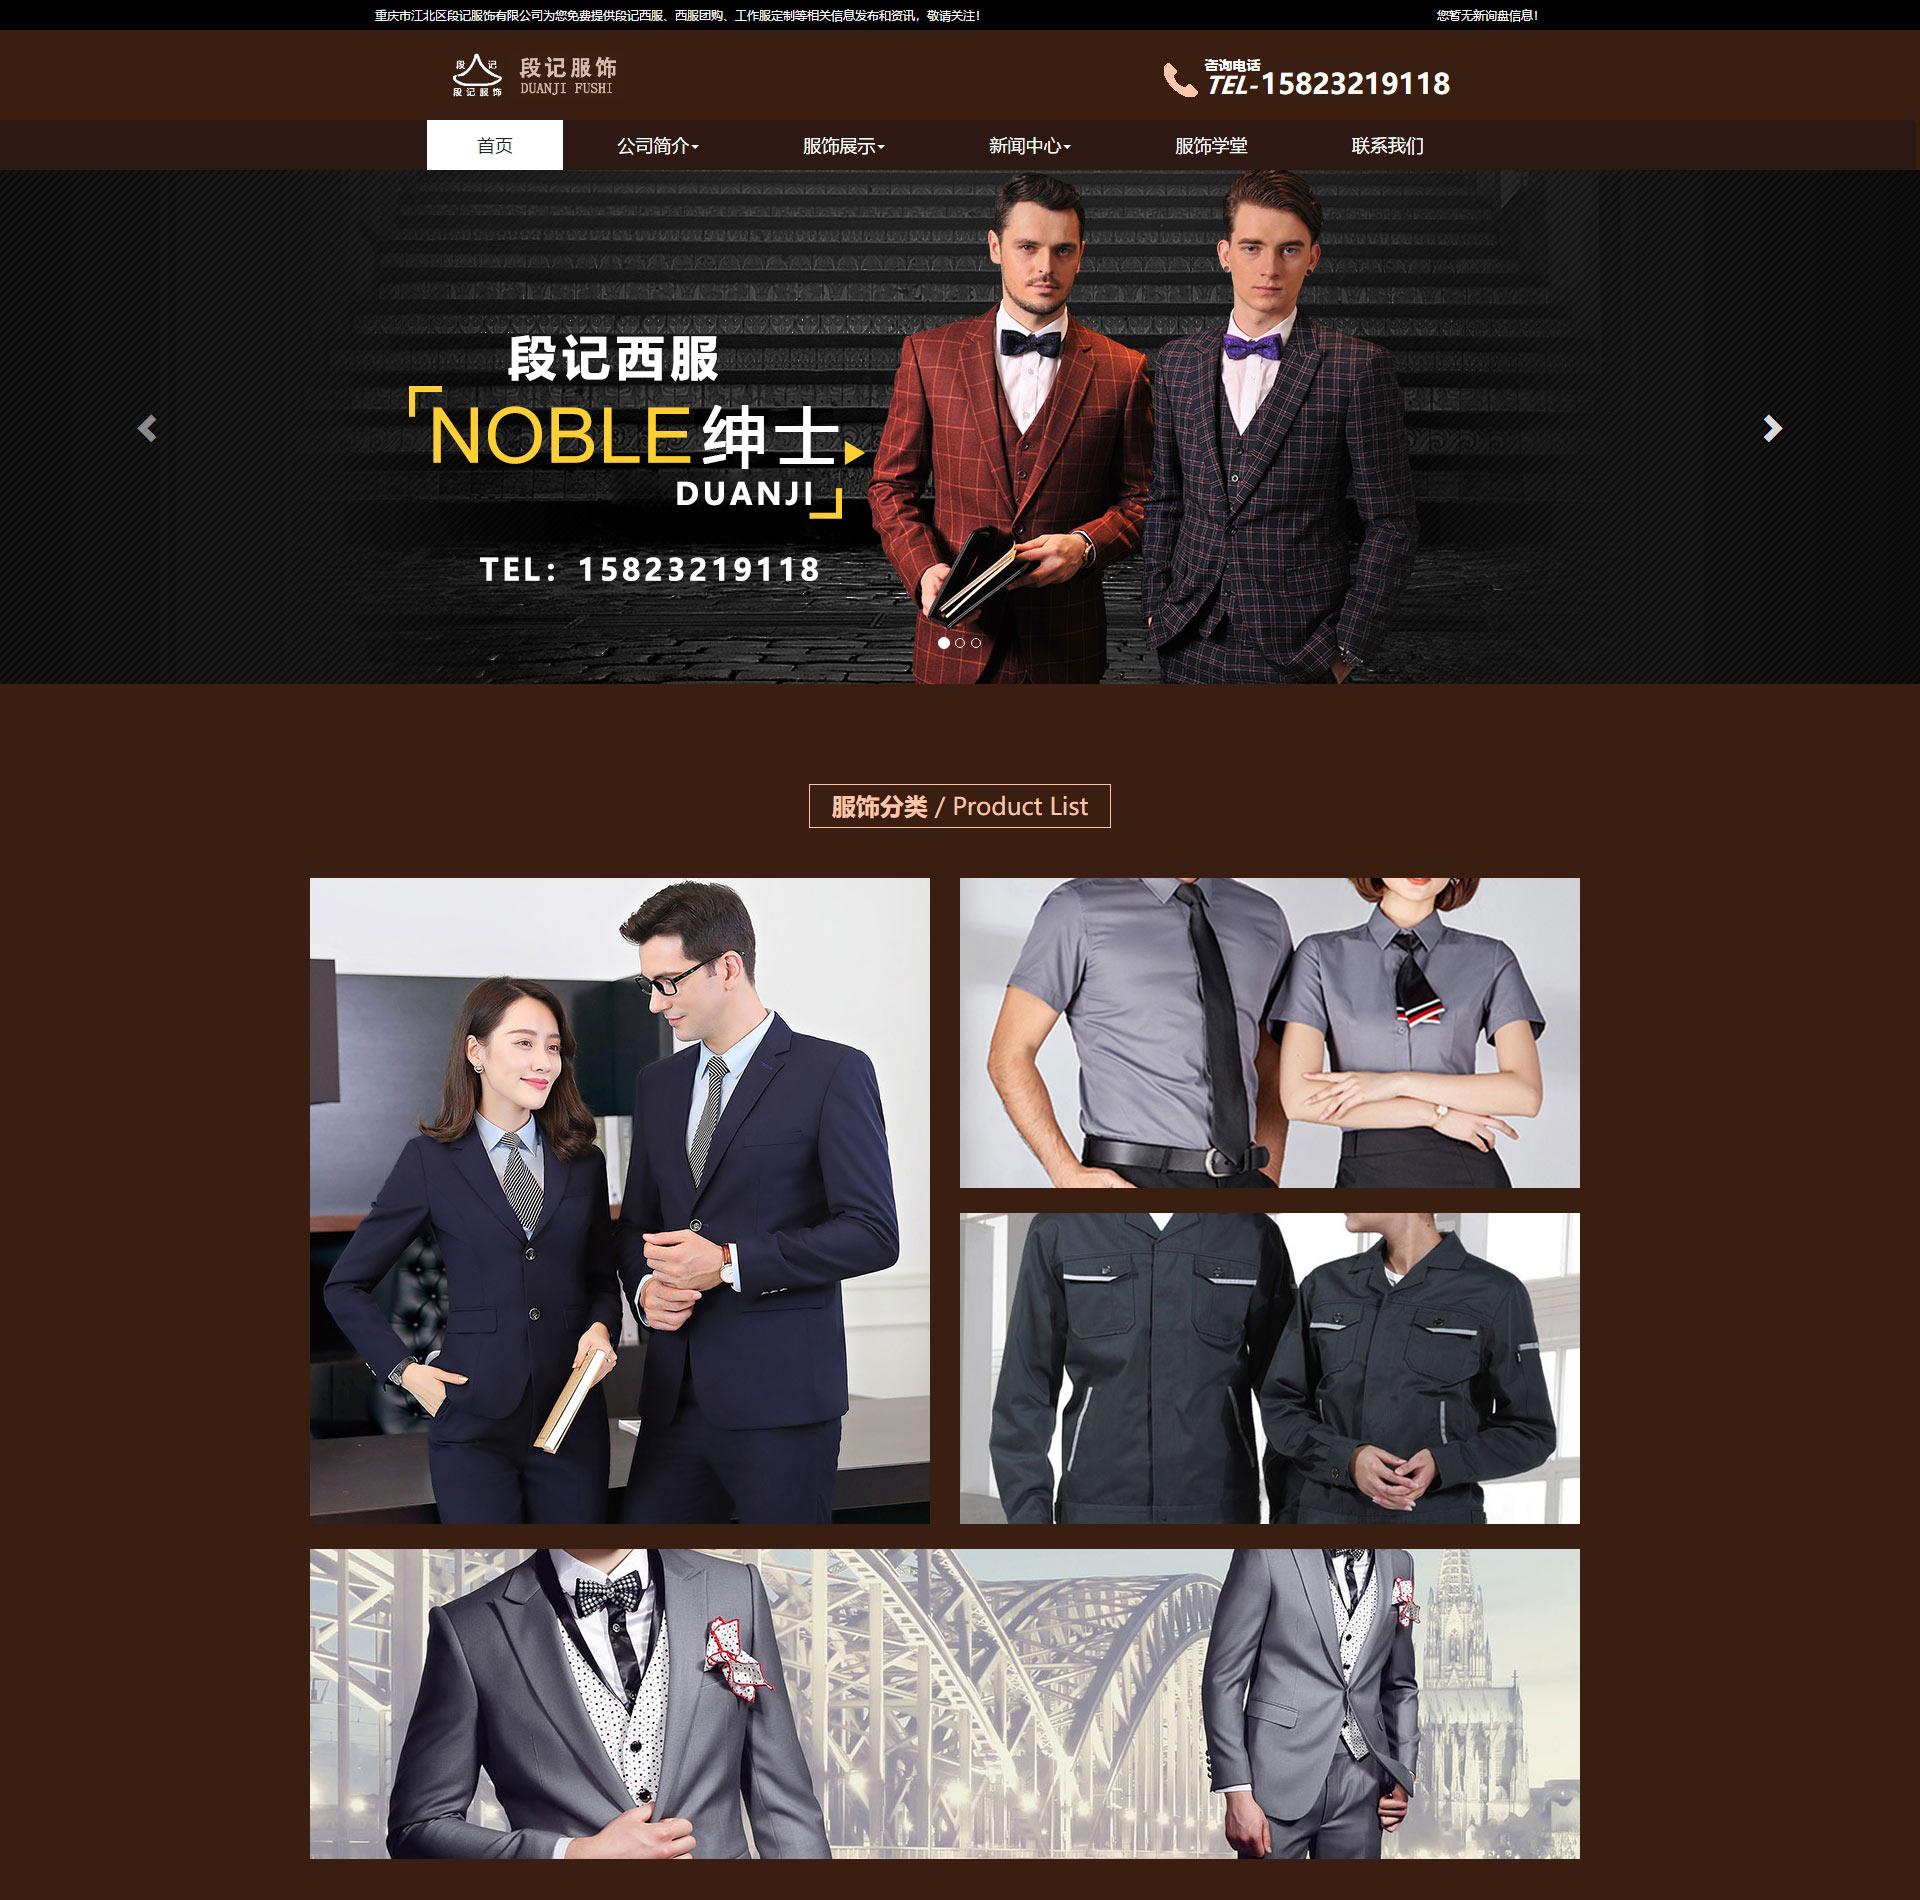 重庆市江北区段记服饰有限公司【网站推广案例】